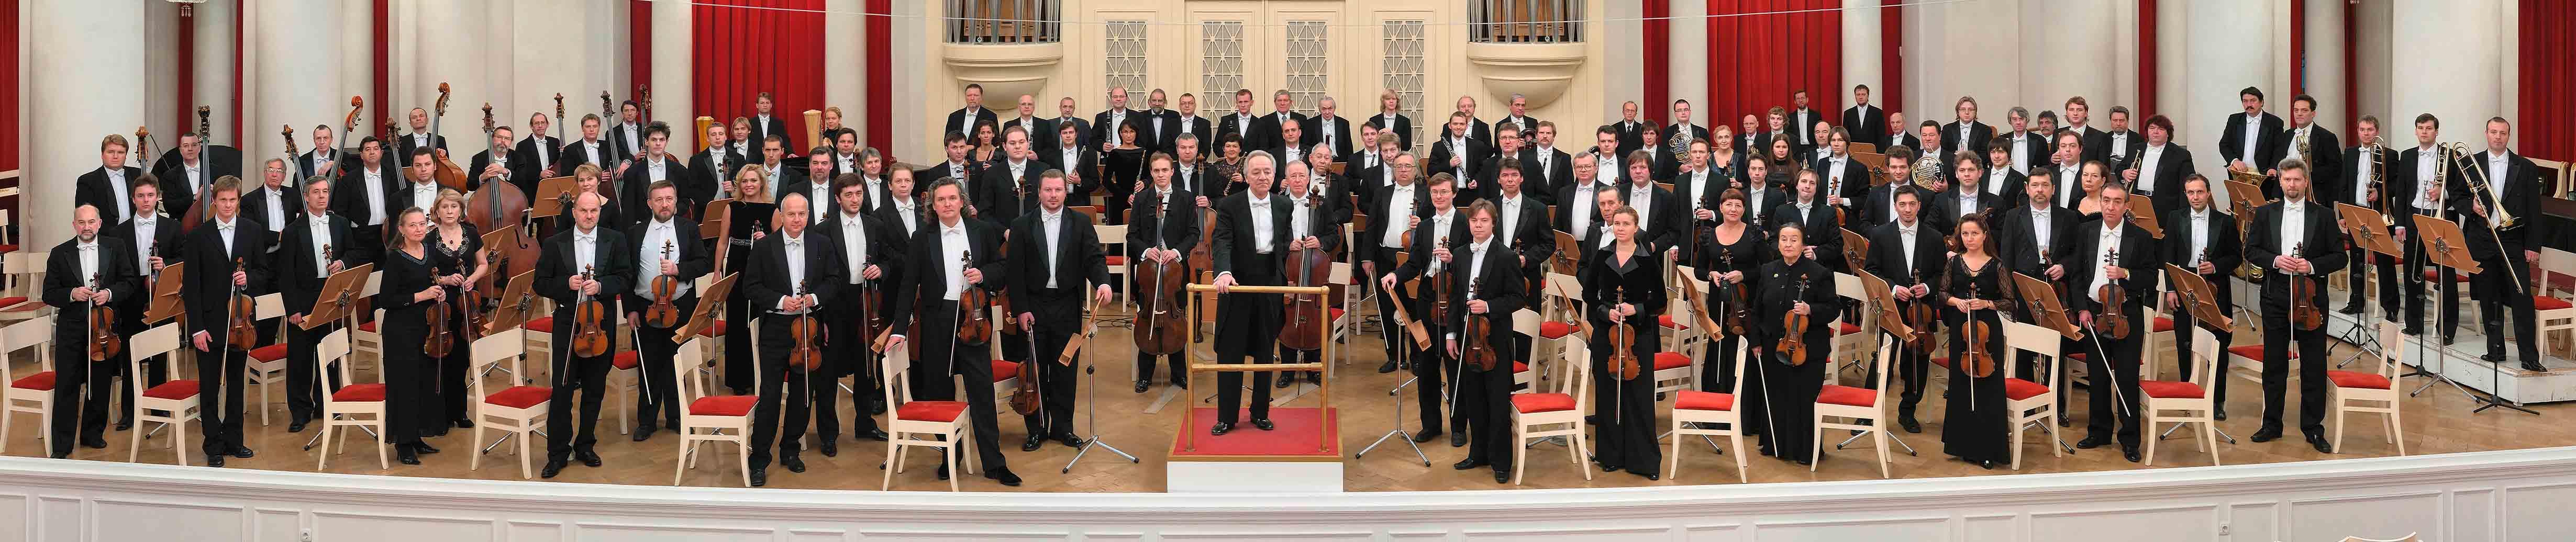 rch-banner-orchestre-st-petersburg